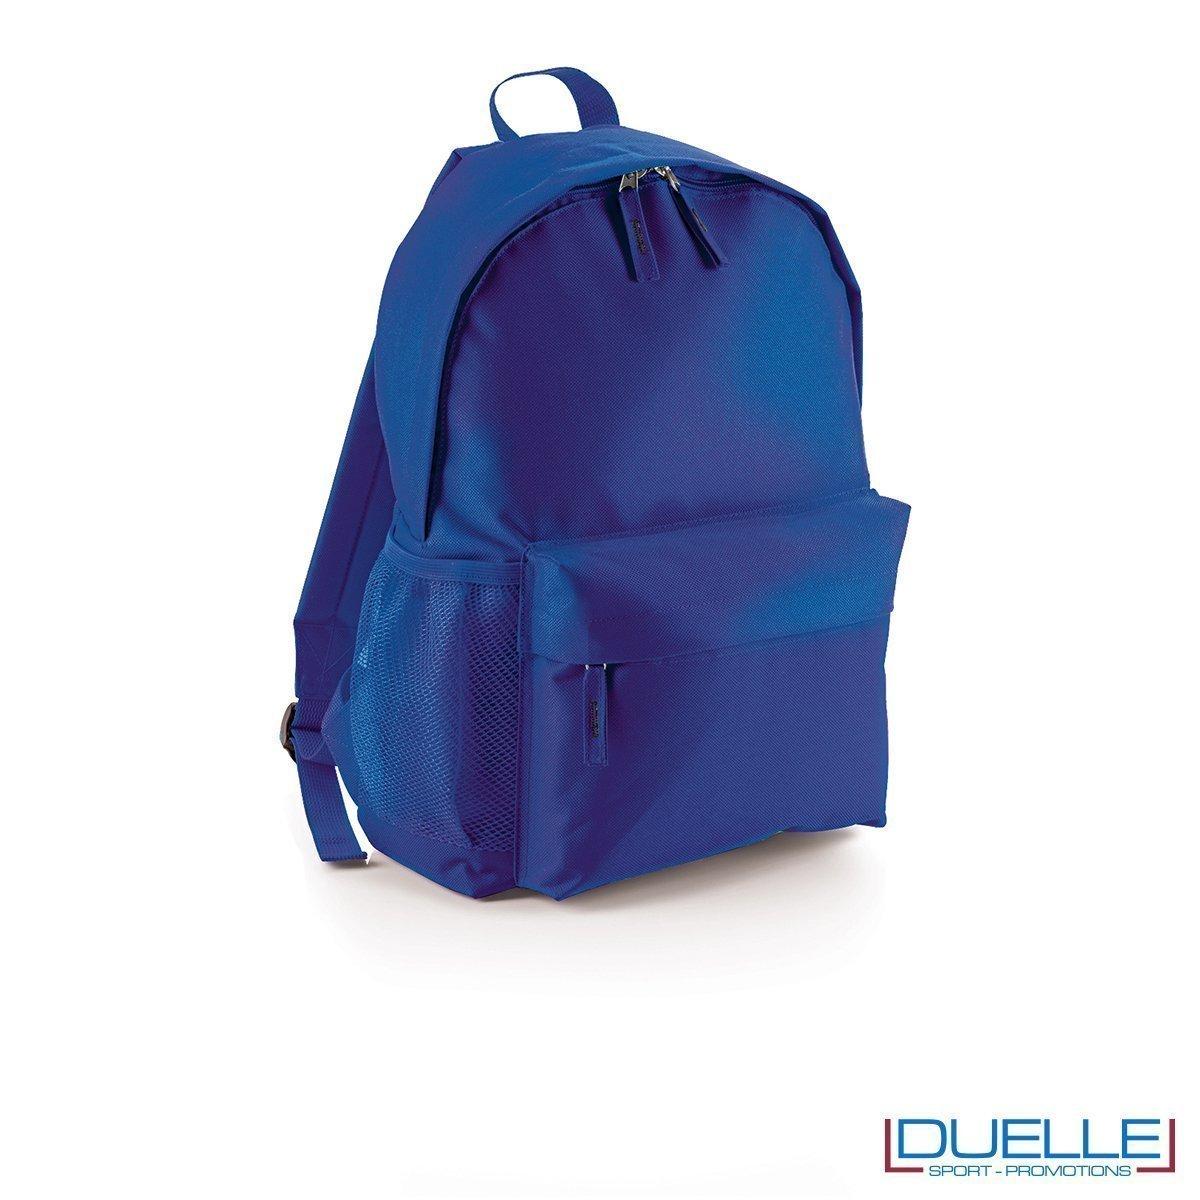 zaino personalizzato colore blu royal, gadget promozionale sport e tempo libero. Zainetto economico da stampare